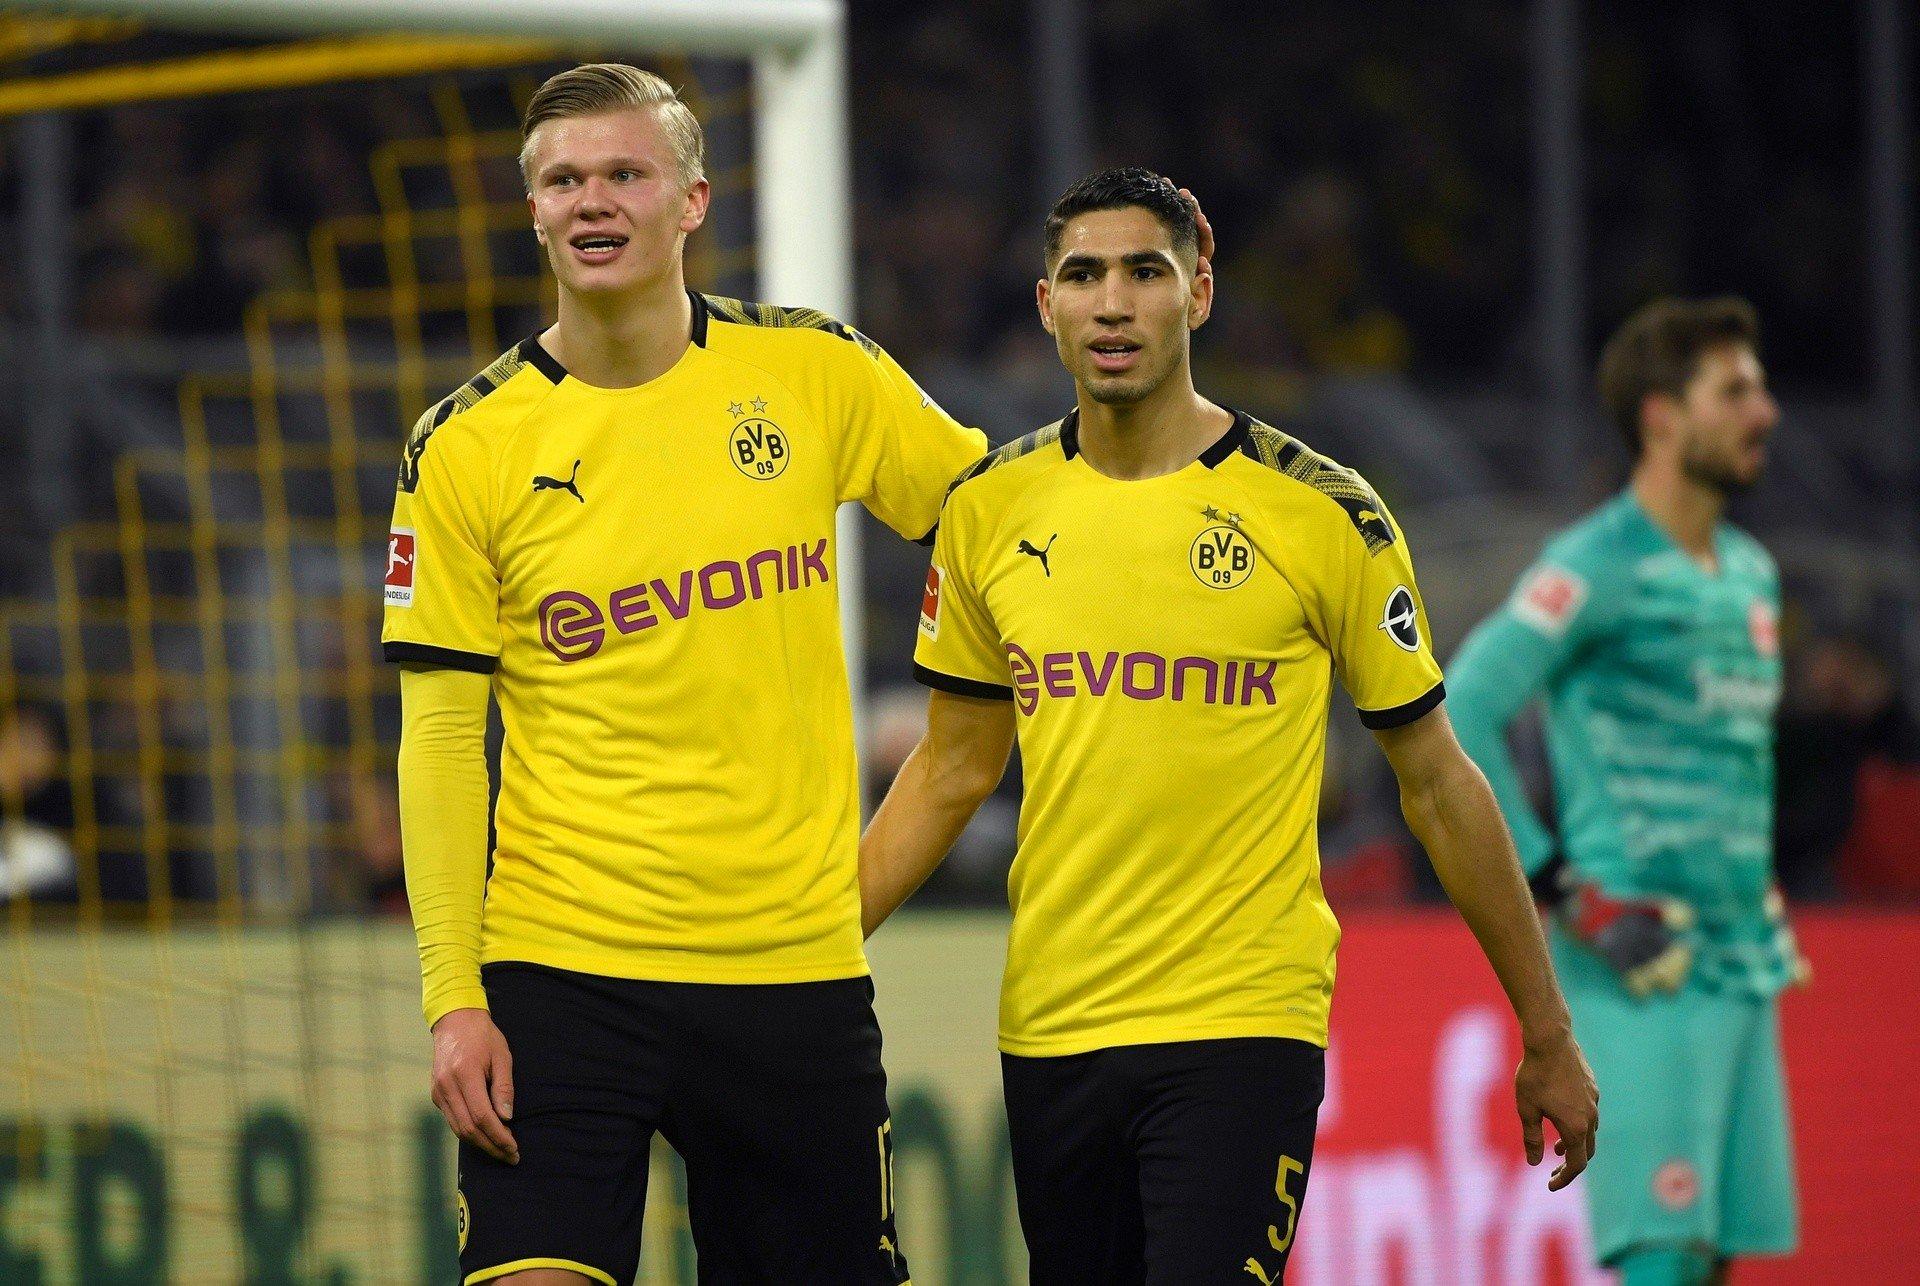 Borussia Dortmund - PSG ONLINE. Gdzie oglądać w telewizji? TRANSMISJA NA ŻYWO | Gol24